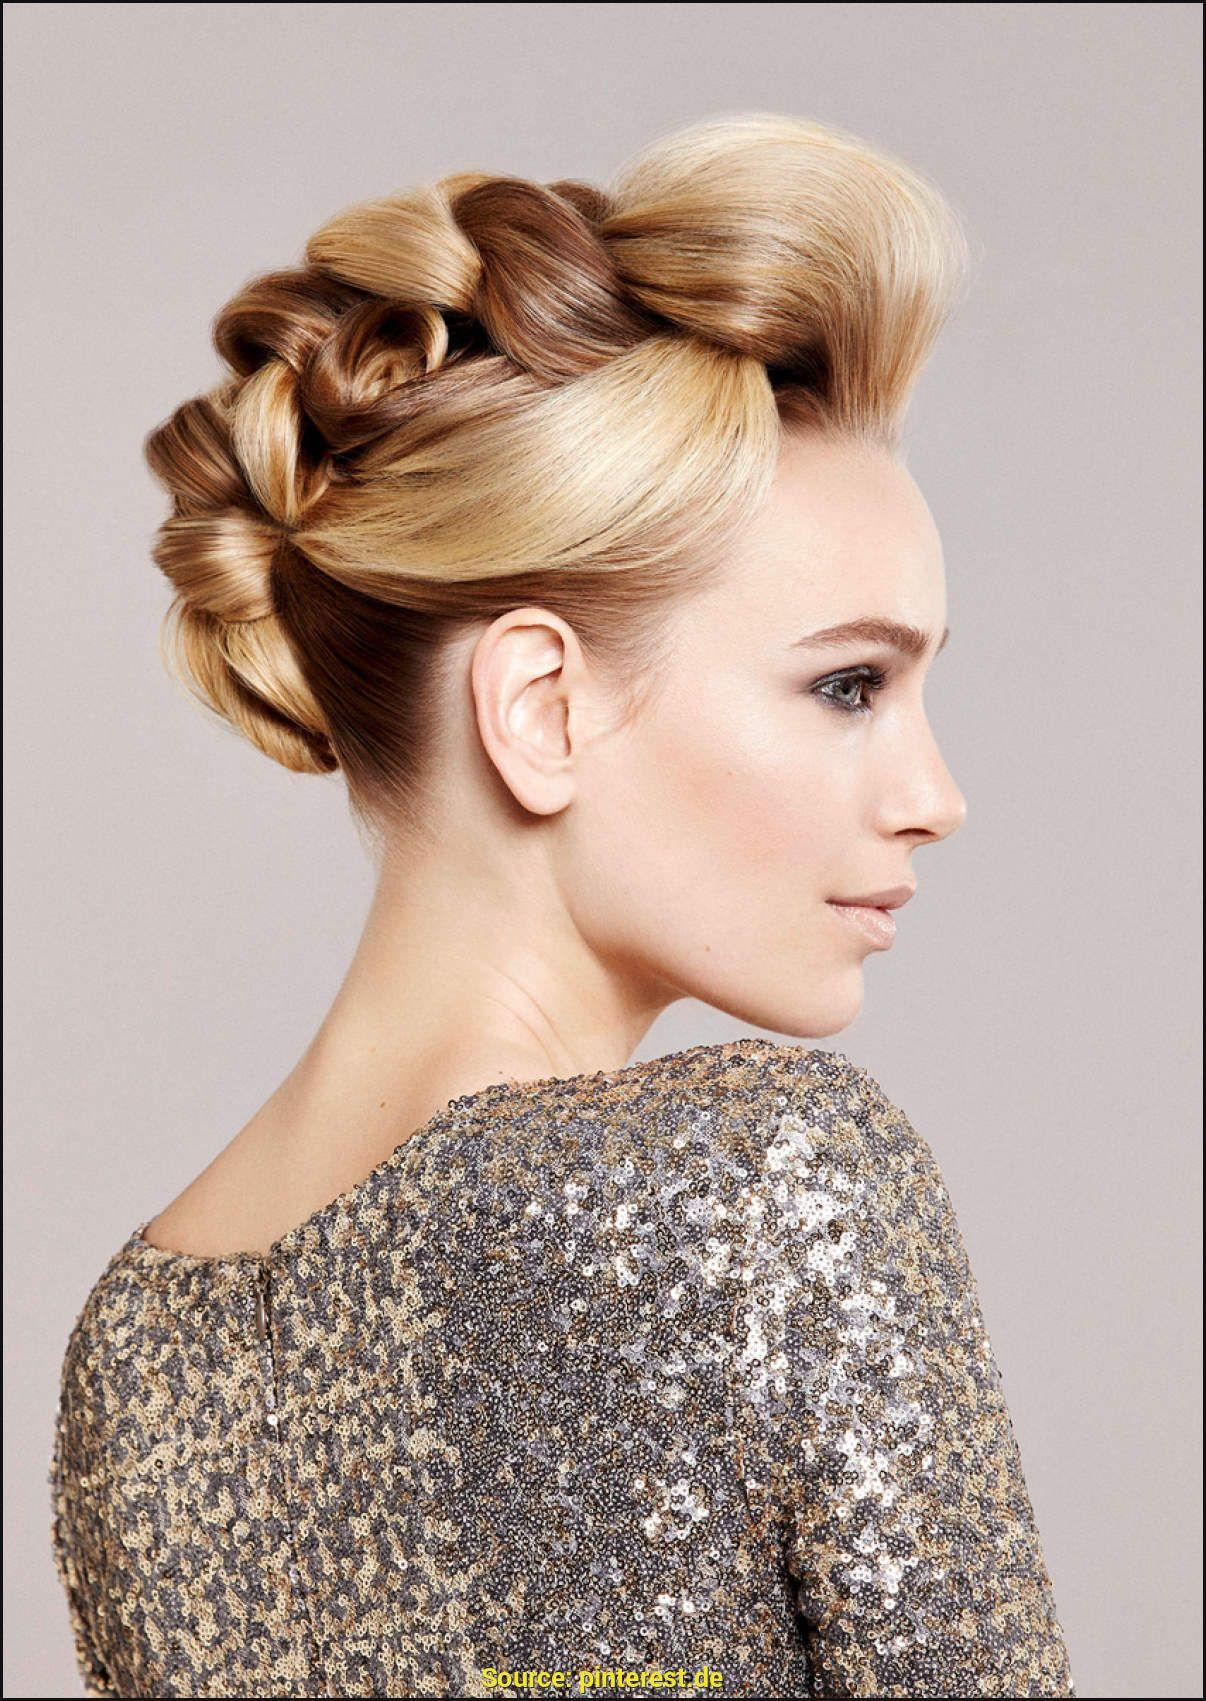 Style Statement Diy Zöpfe Für Langes Haar 2018 Einfache Frisuren